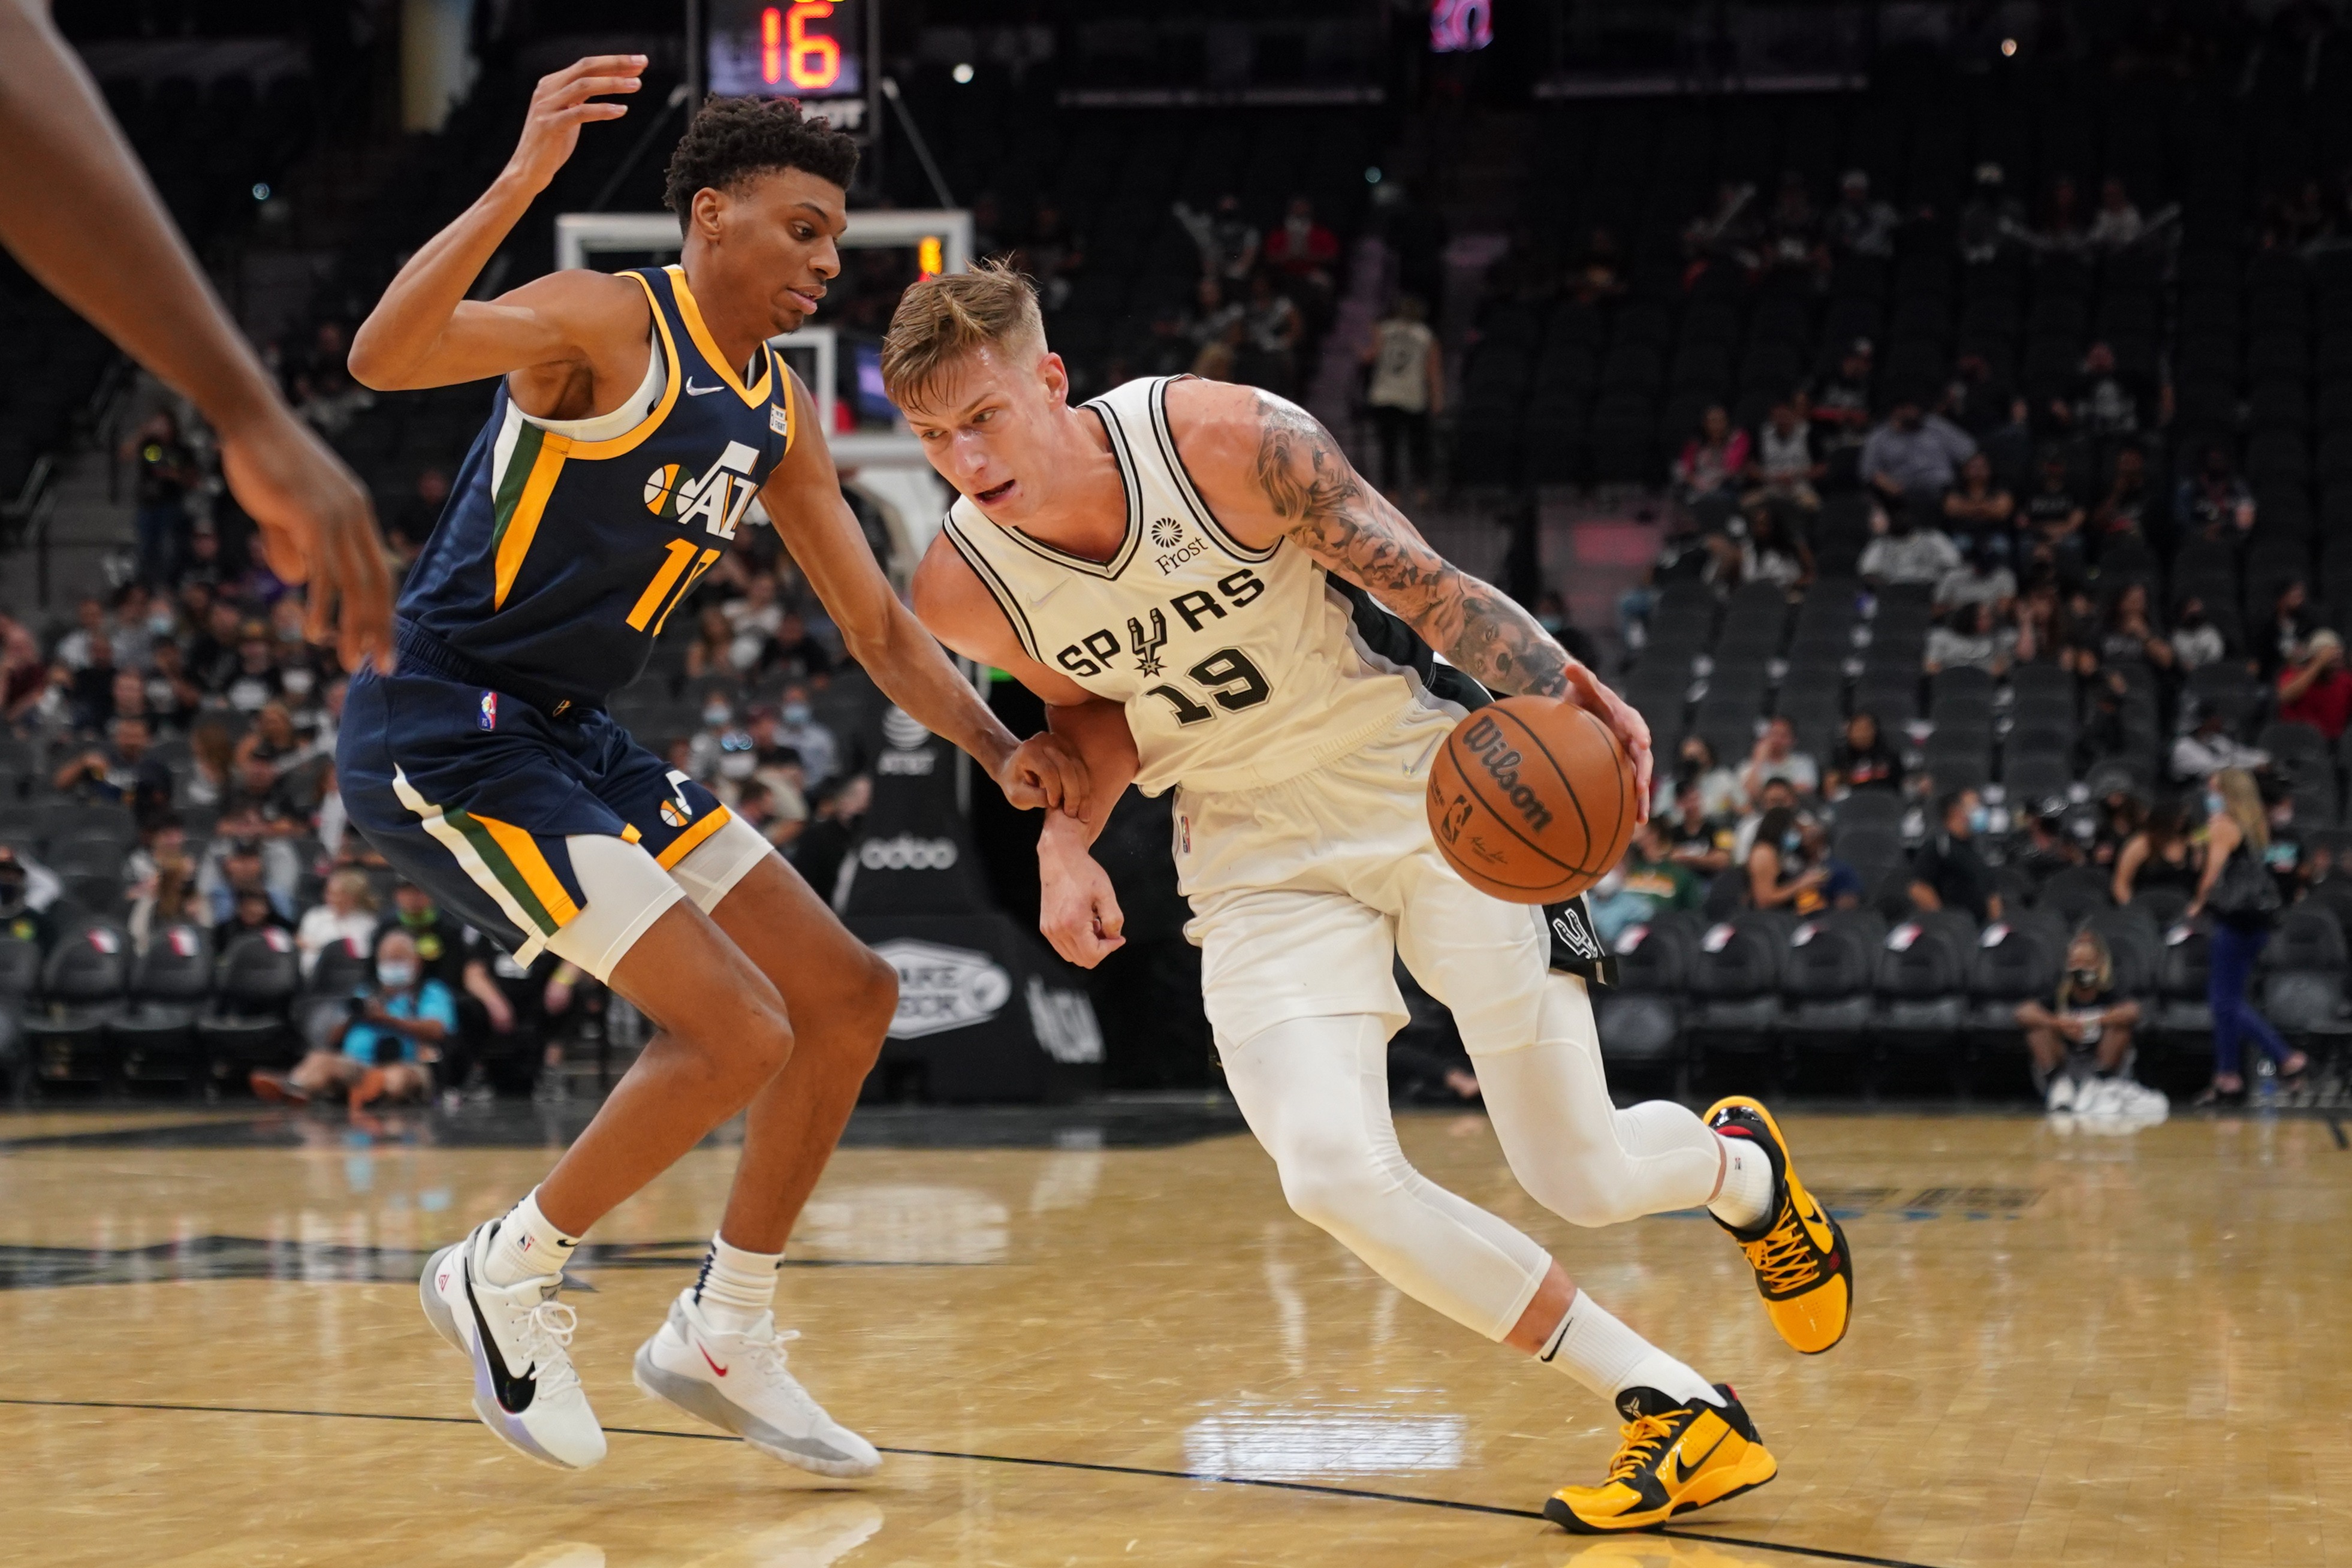 NBA: Preseason-Utah Jazz at San Antonio Spurs